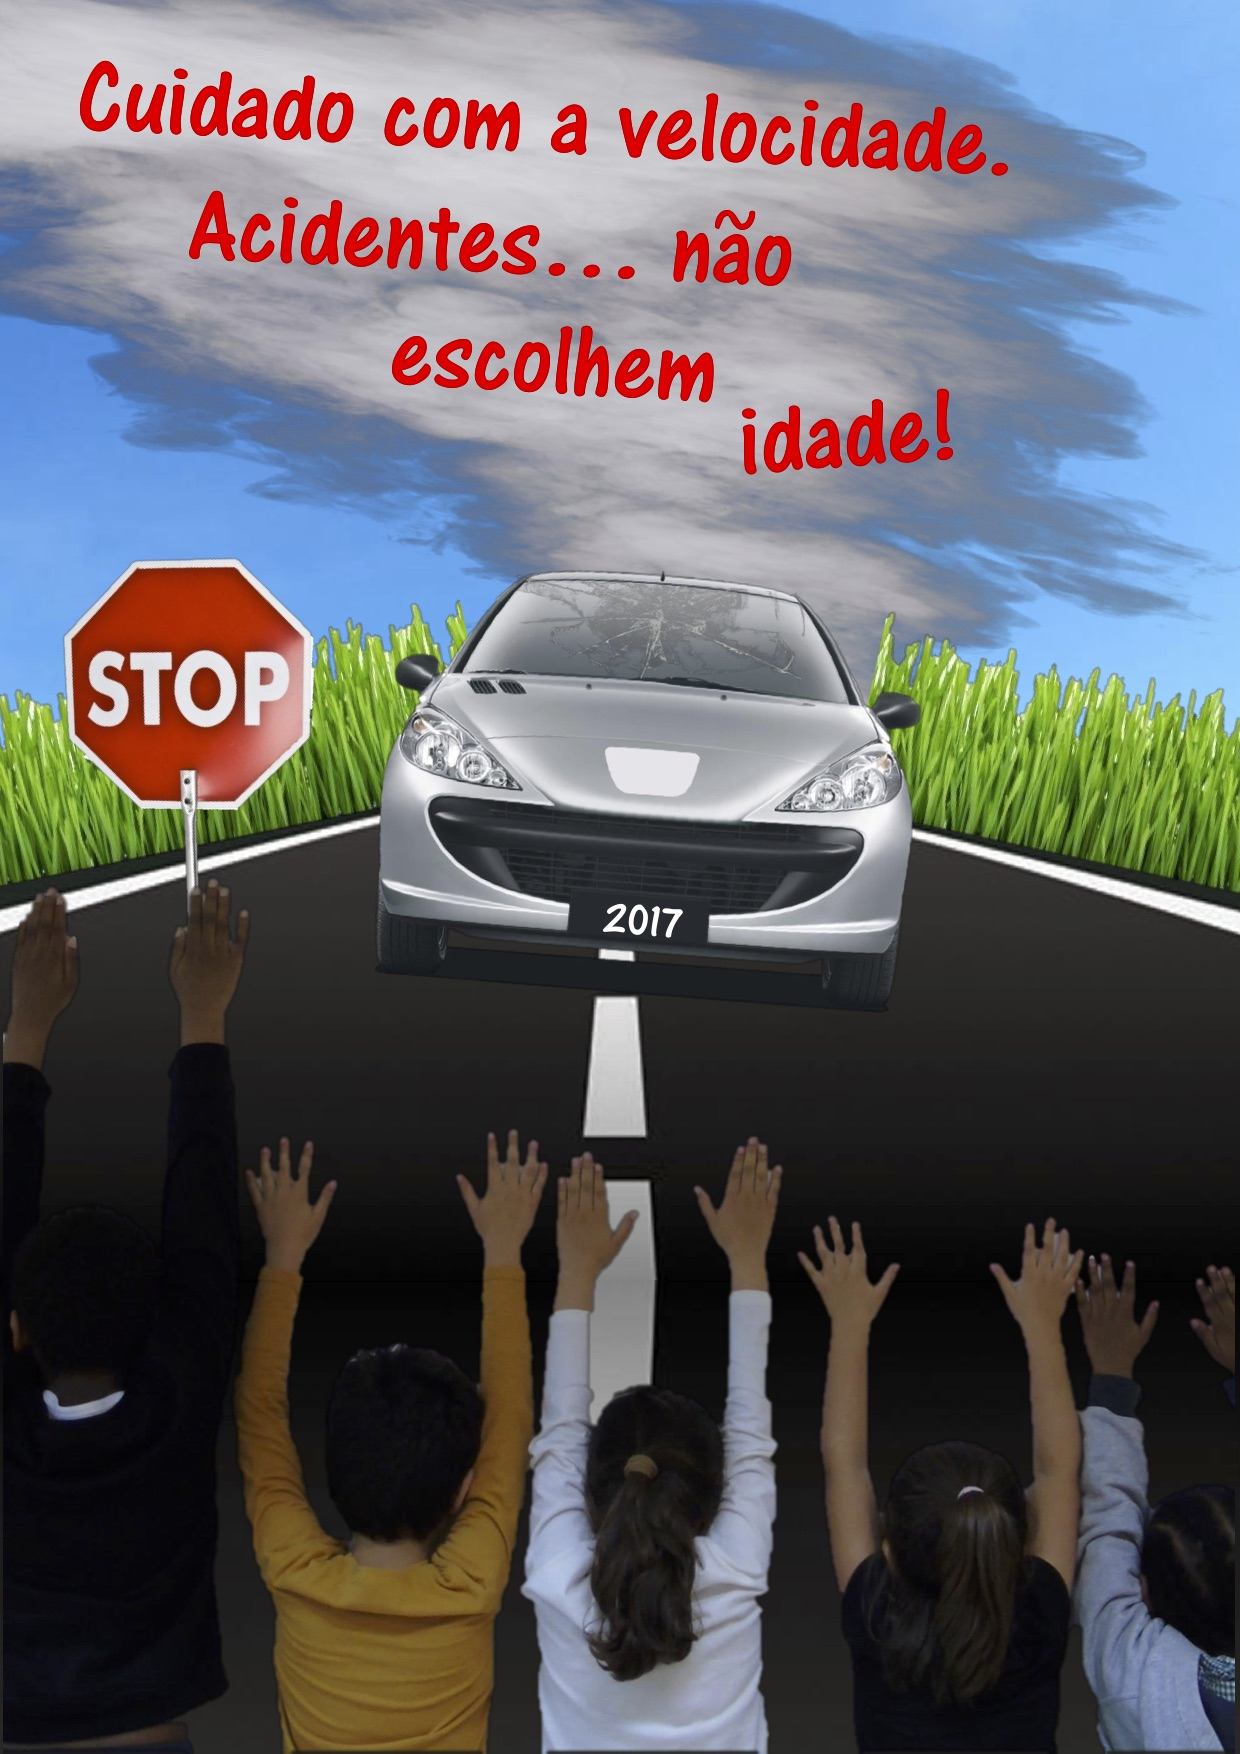 cartaz_ospáratrânsito_2017_bp_segurançaaosegundo